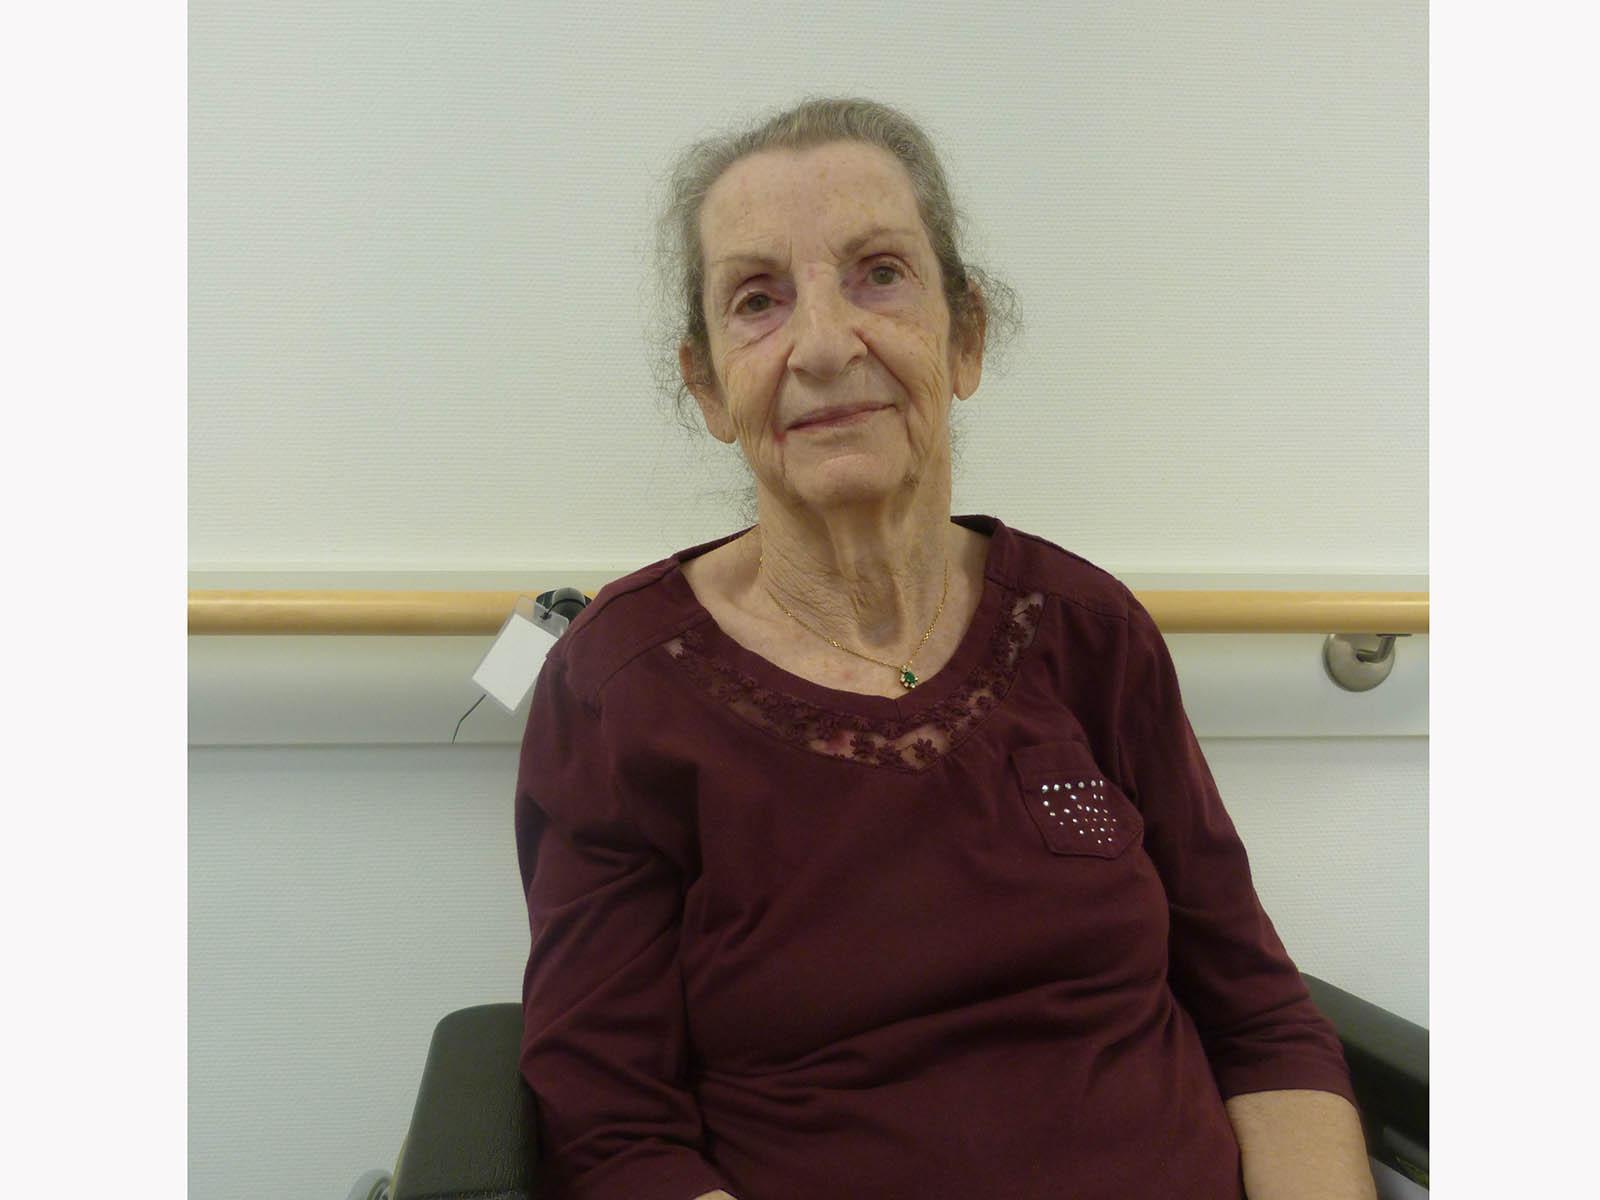 Mit 70 Jahren entdeckte Verena Burkhart die Leidenschaft fürs Quilten.